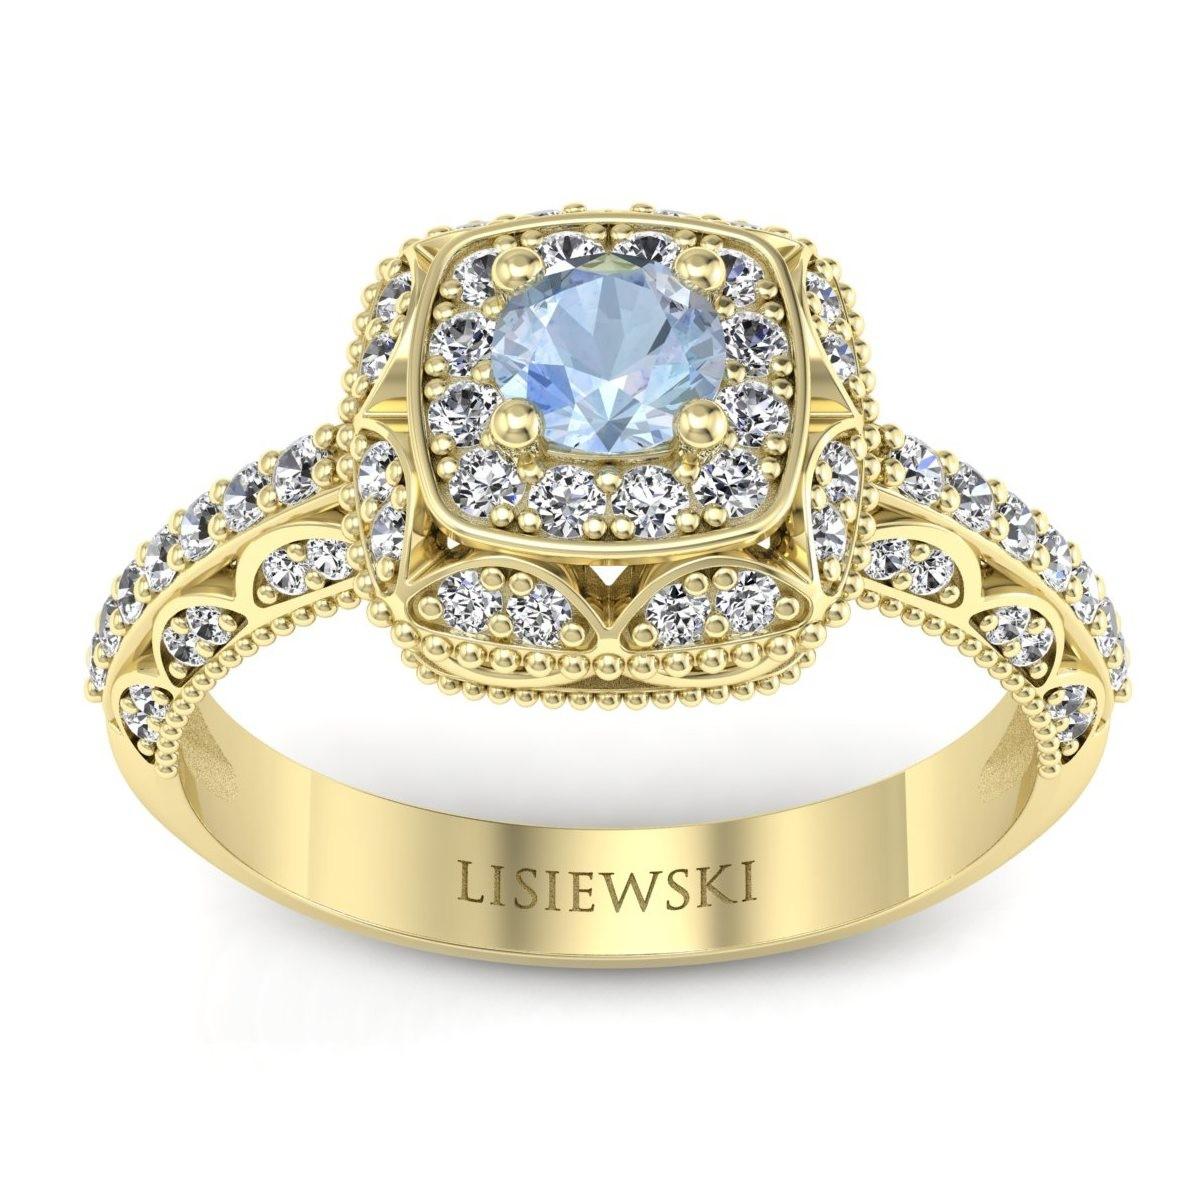 Elizabeth - Pierścionek z akwamarynem i diamentami złoty